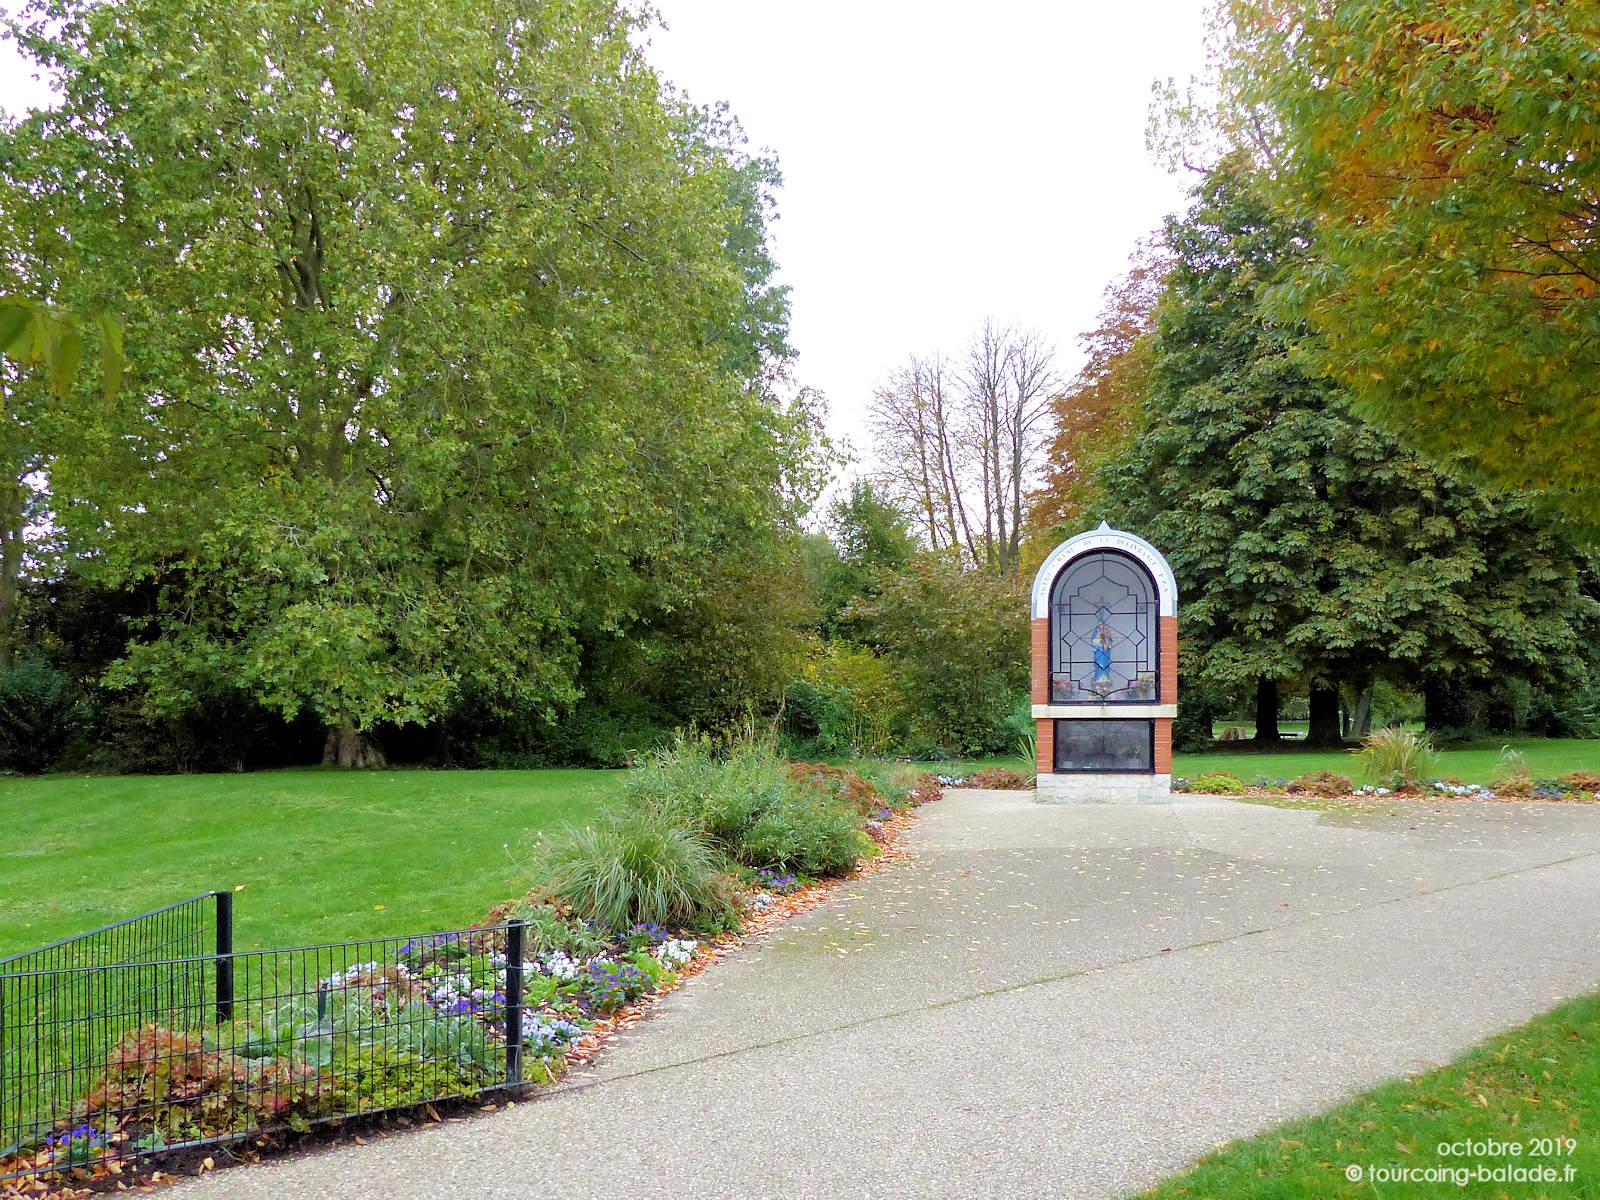 Chapelle Oratoire du Parc Clemenceau, Tourcoing